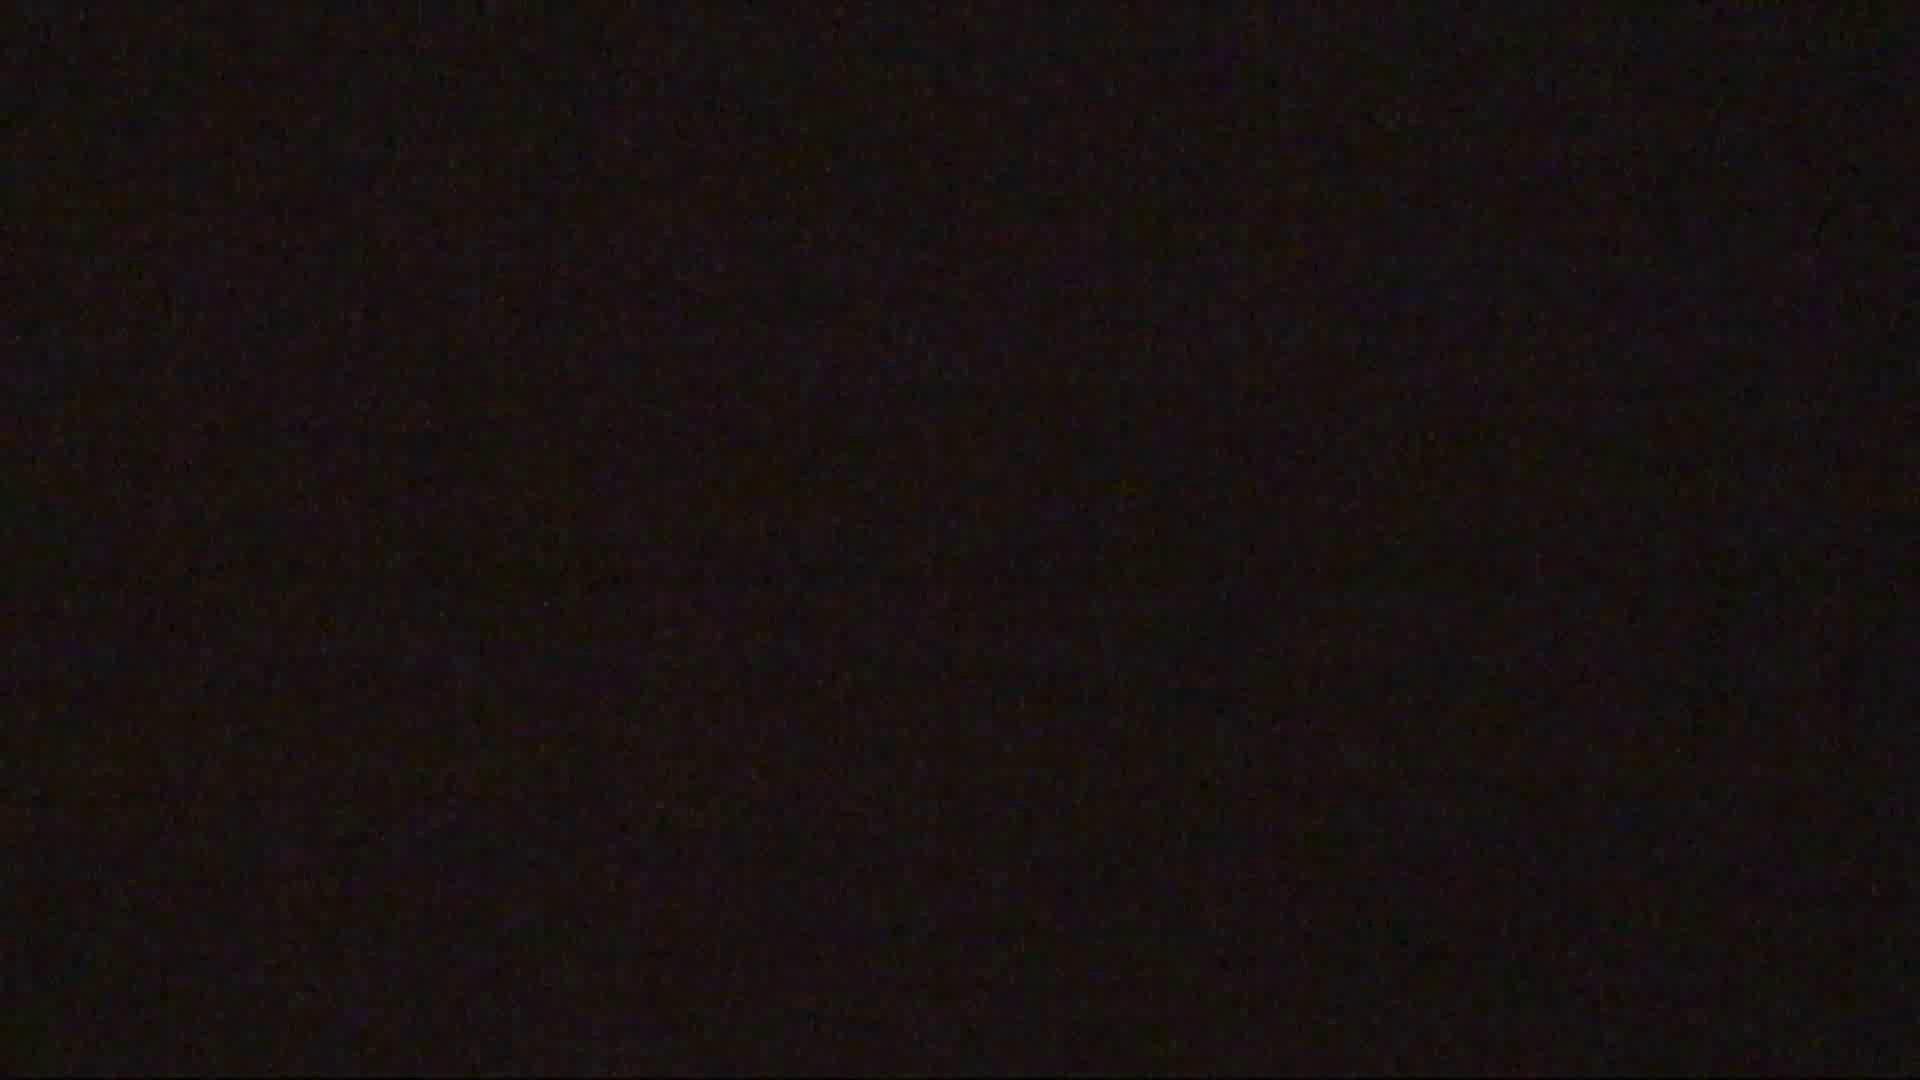 vol.02超可愛すぎる彼女の裸体をハイビジョンで!至近距離での眺め最高! 民家   盗撮  54pic 46